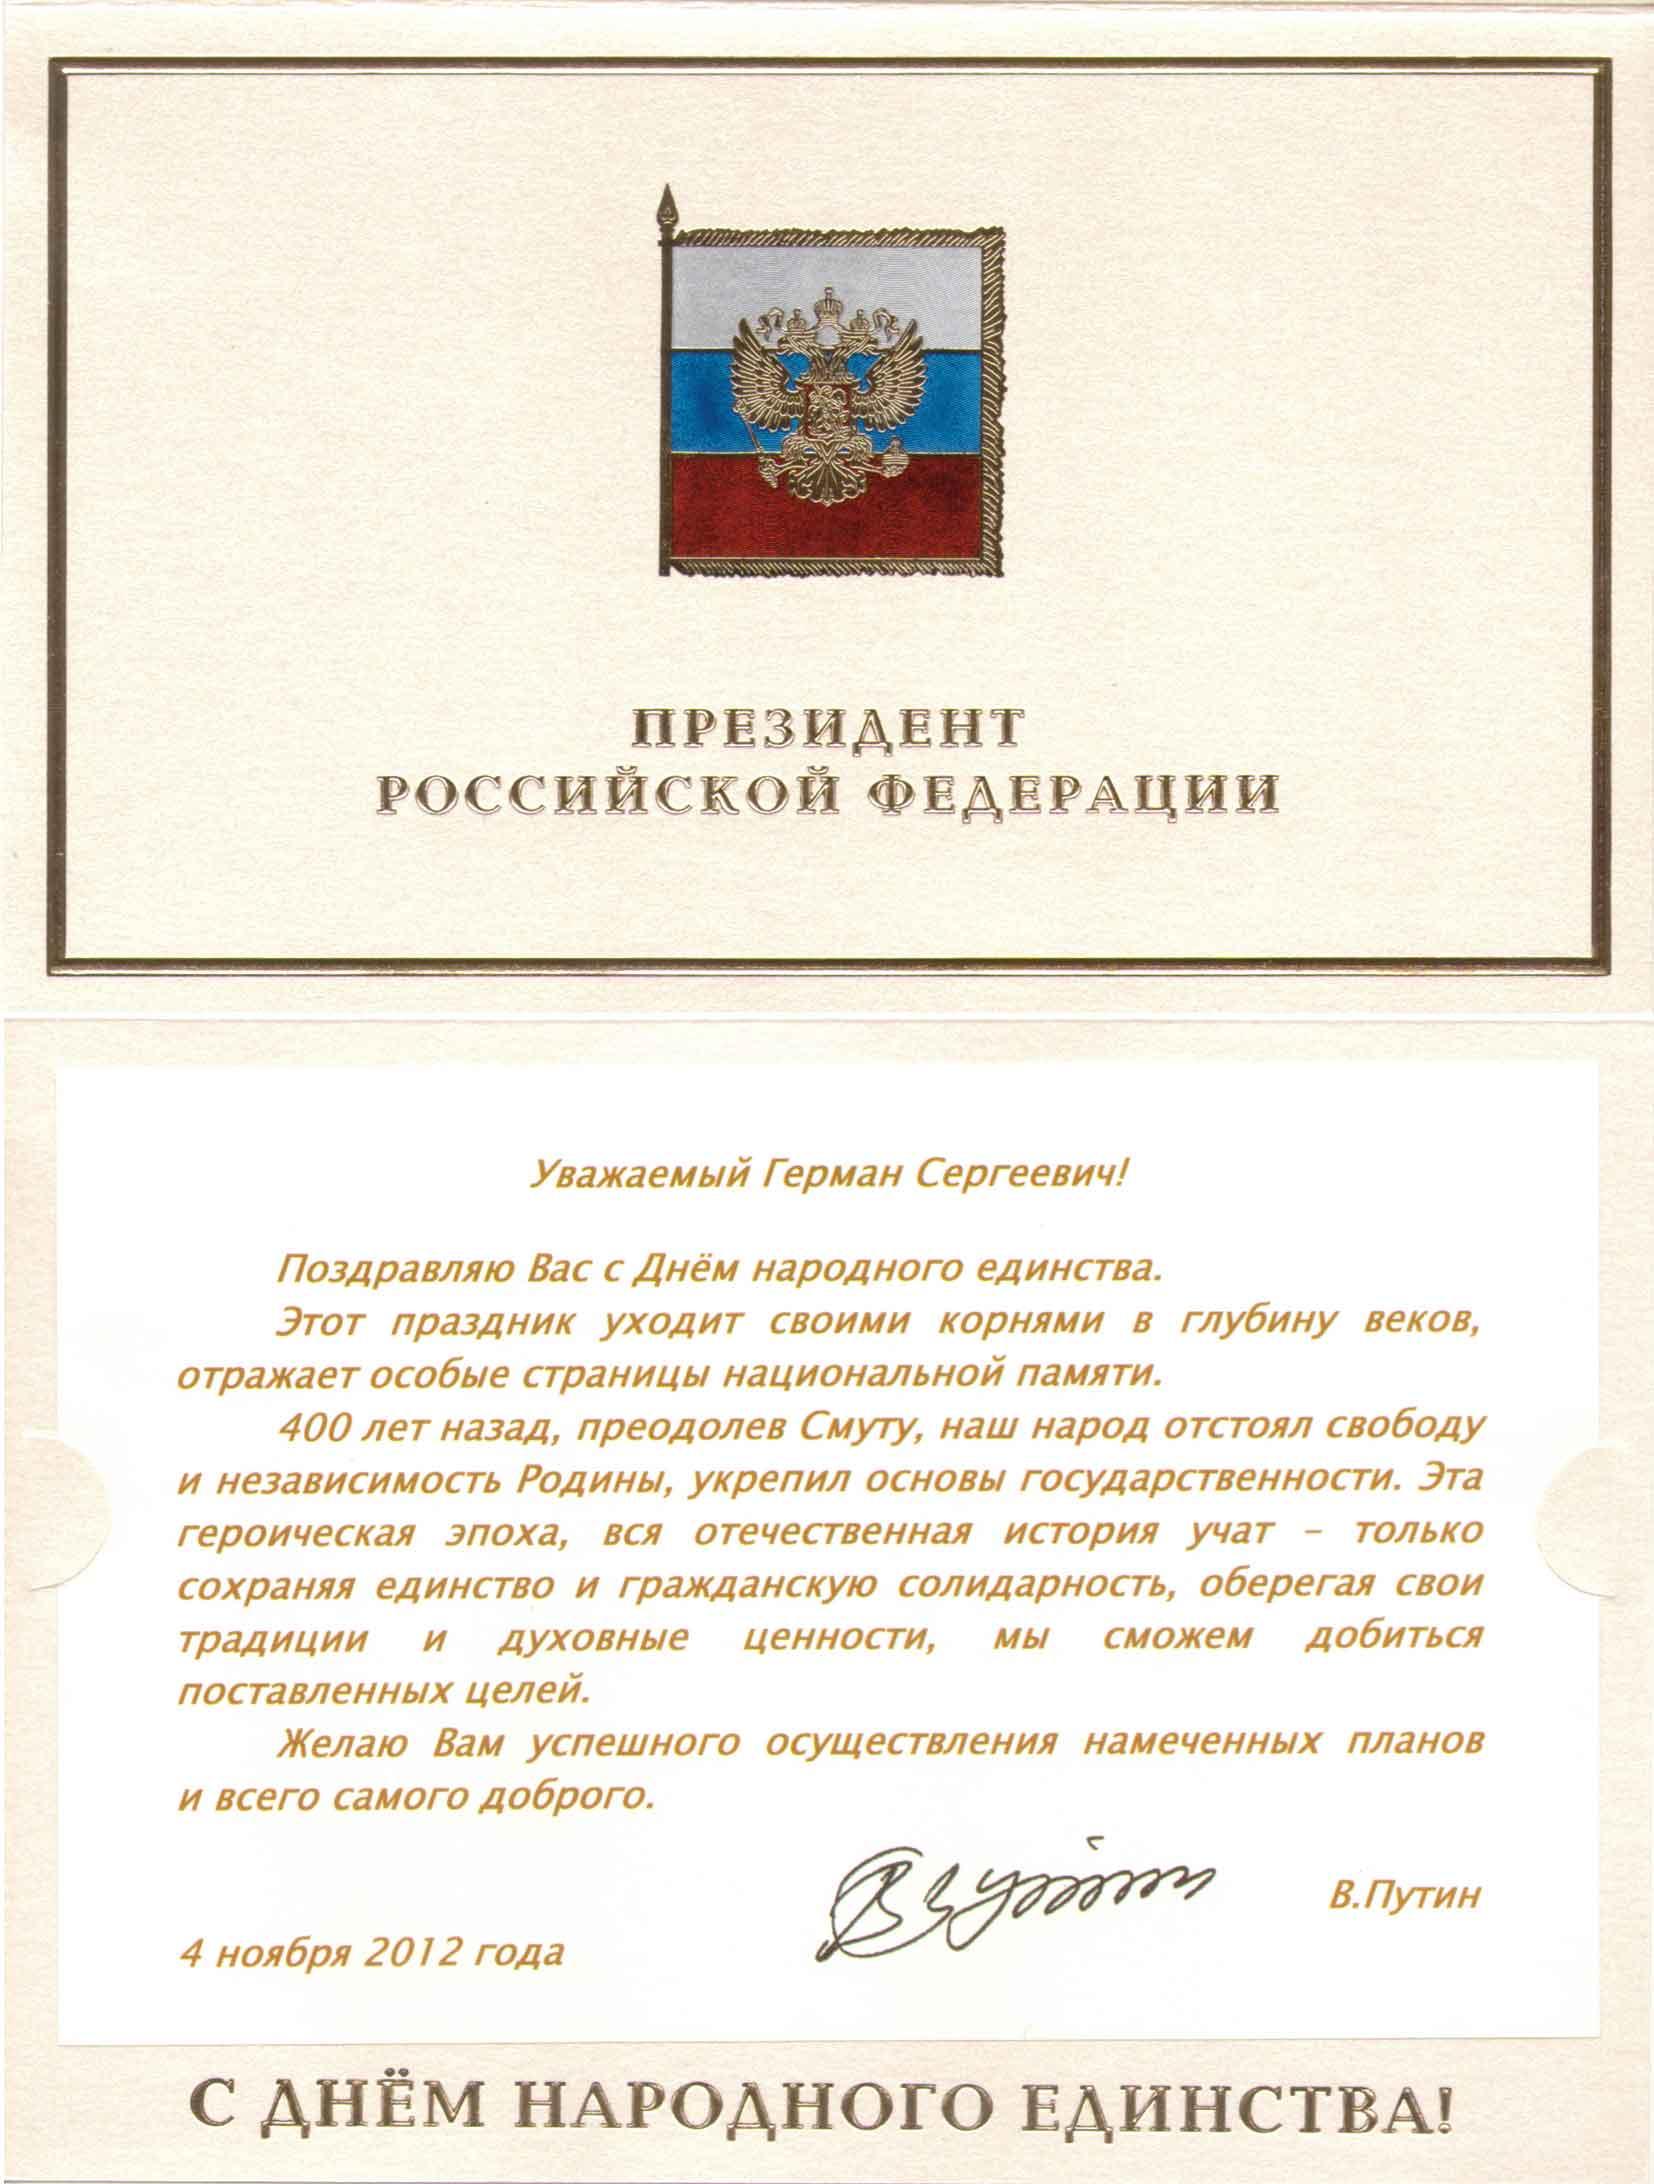 Поздравления президенту - Петербург) 18